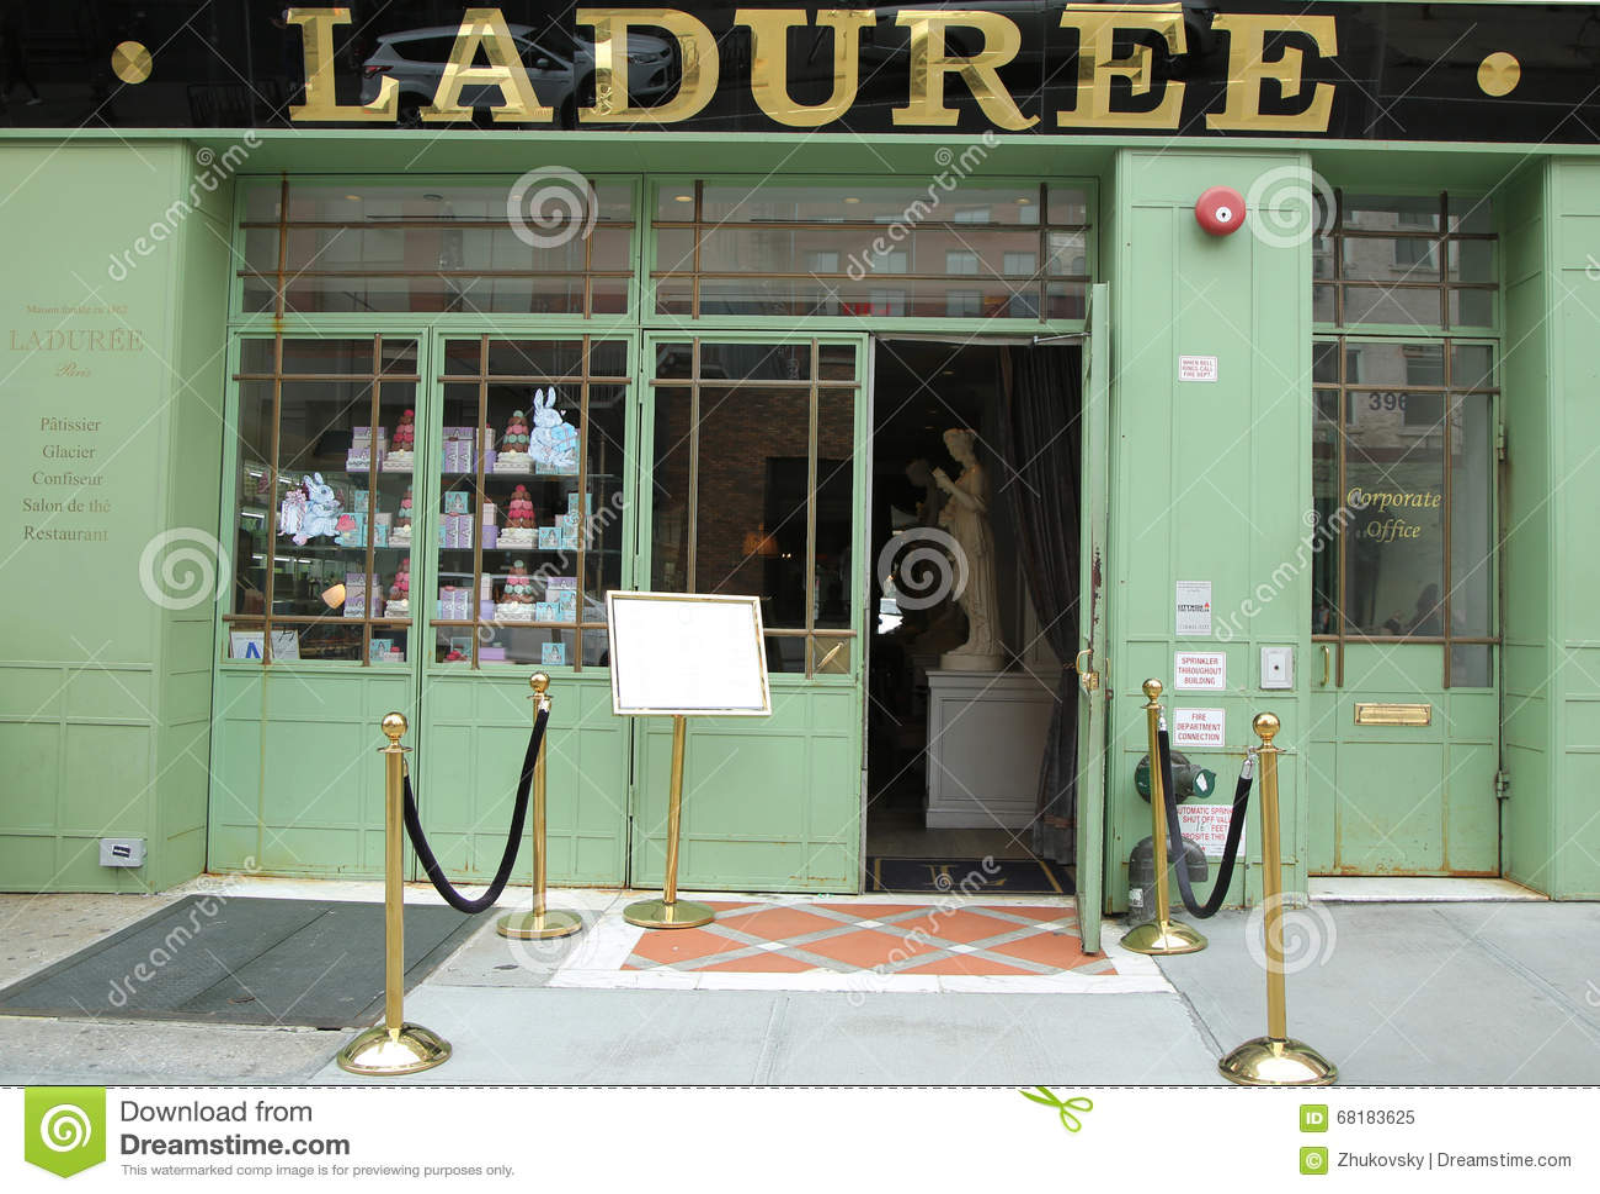 Laduree New York Tea Room